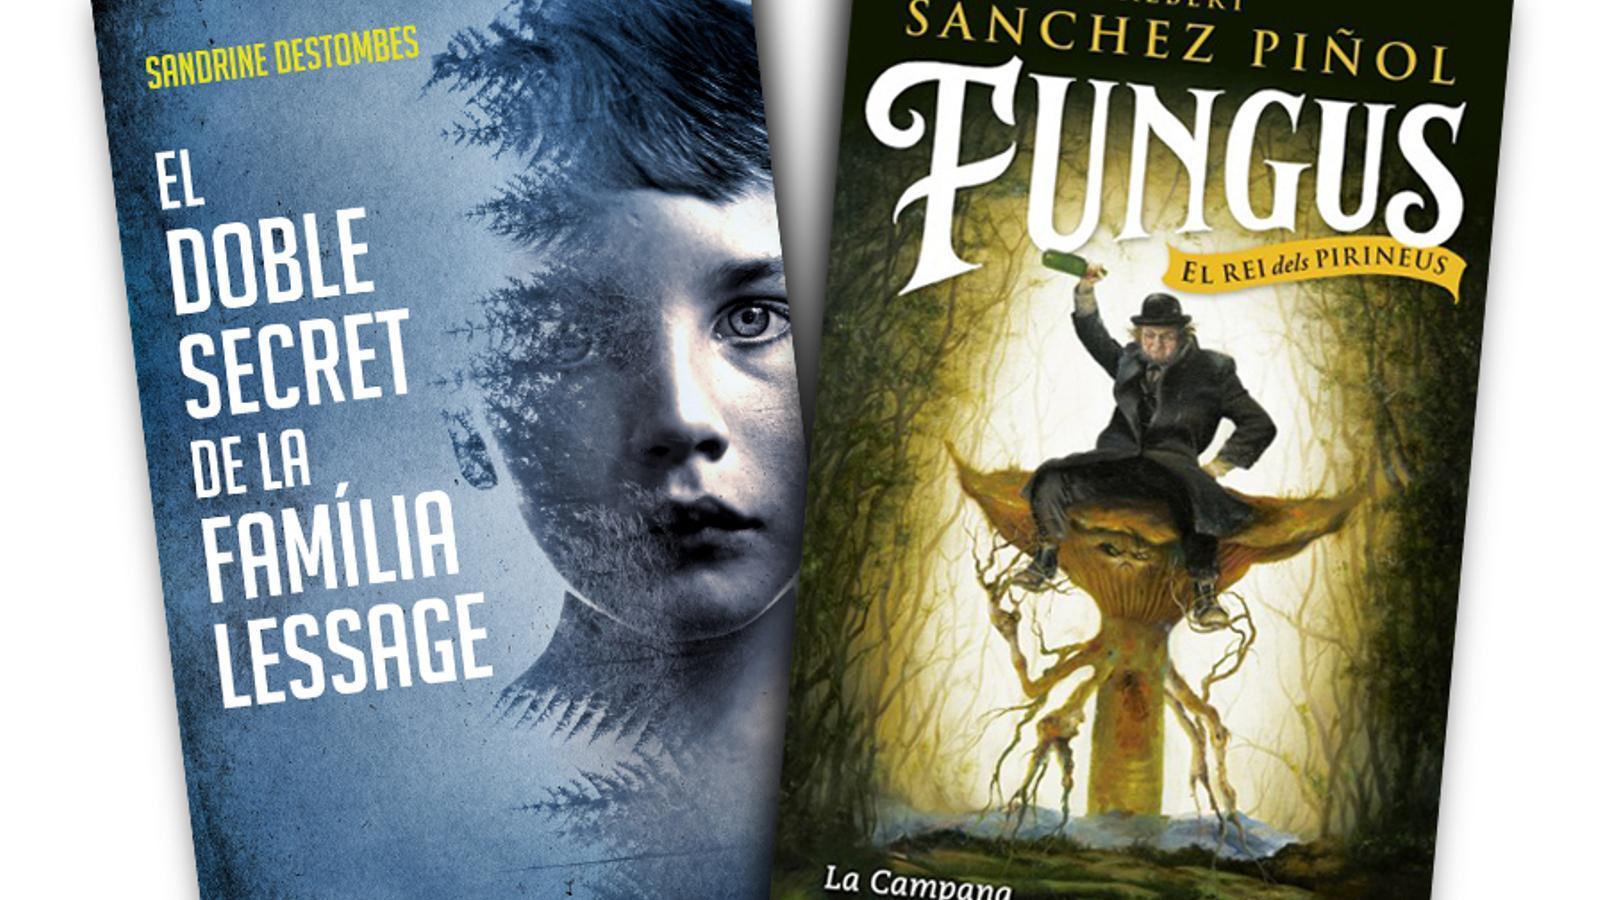 Portada del llibre El doble secret de la família Lessage de Sandrine Destombes, i Fungus, d'Albert Sánchez Piñol